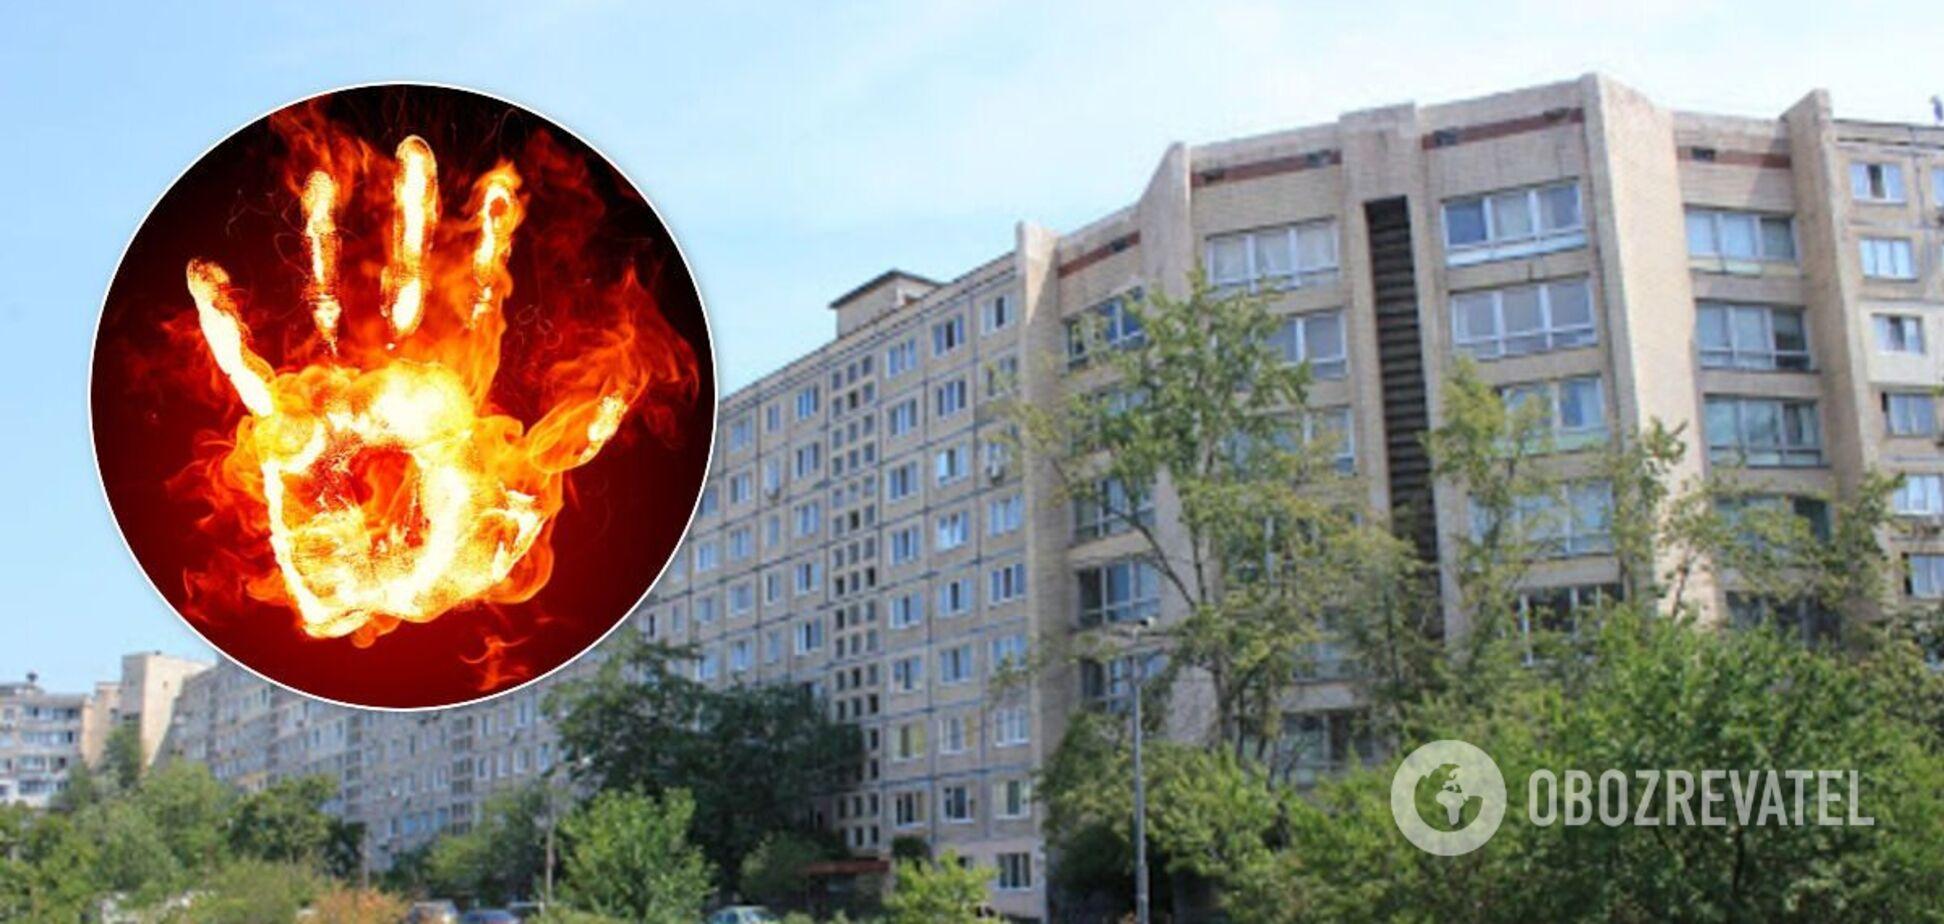 Появились подробности сожжения ребенка в Киеве: отец планировал убийство и гордился